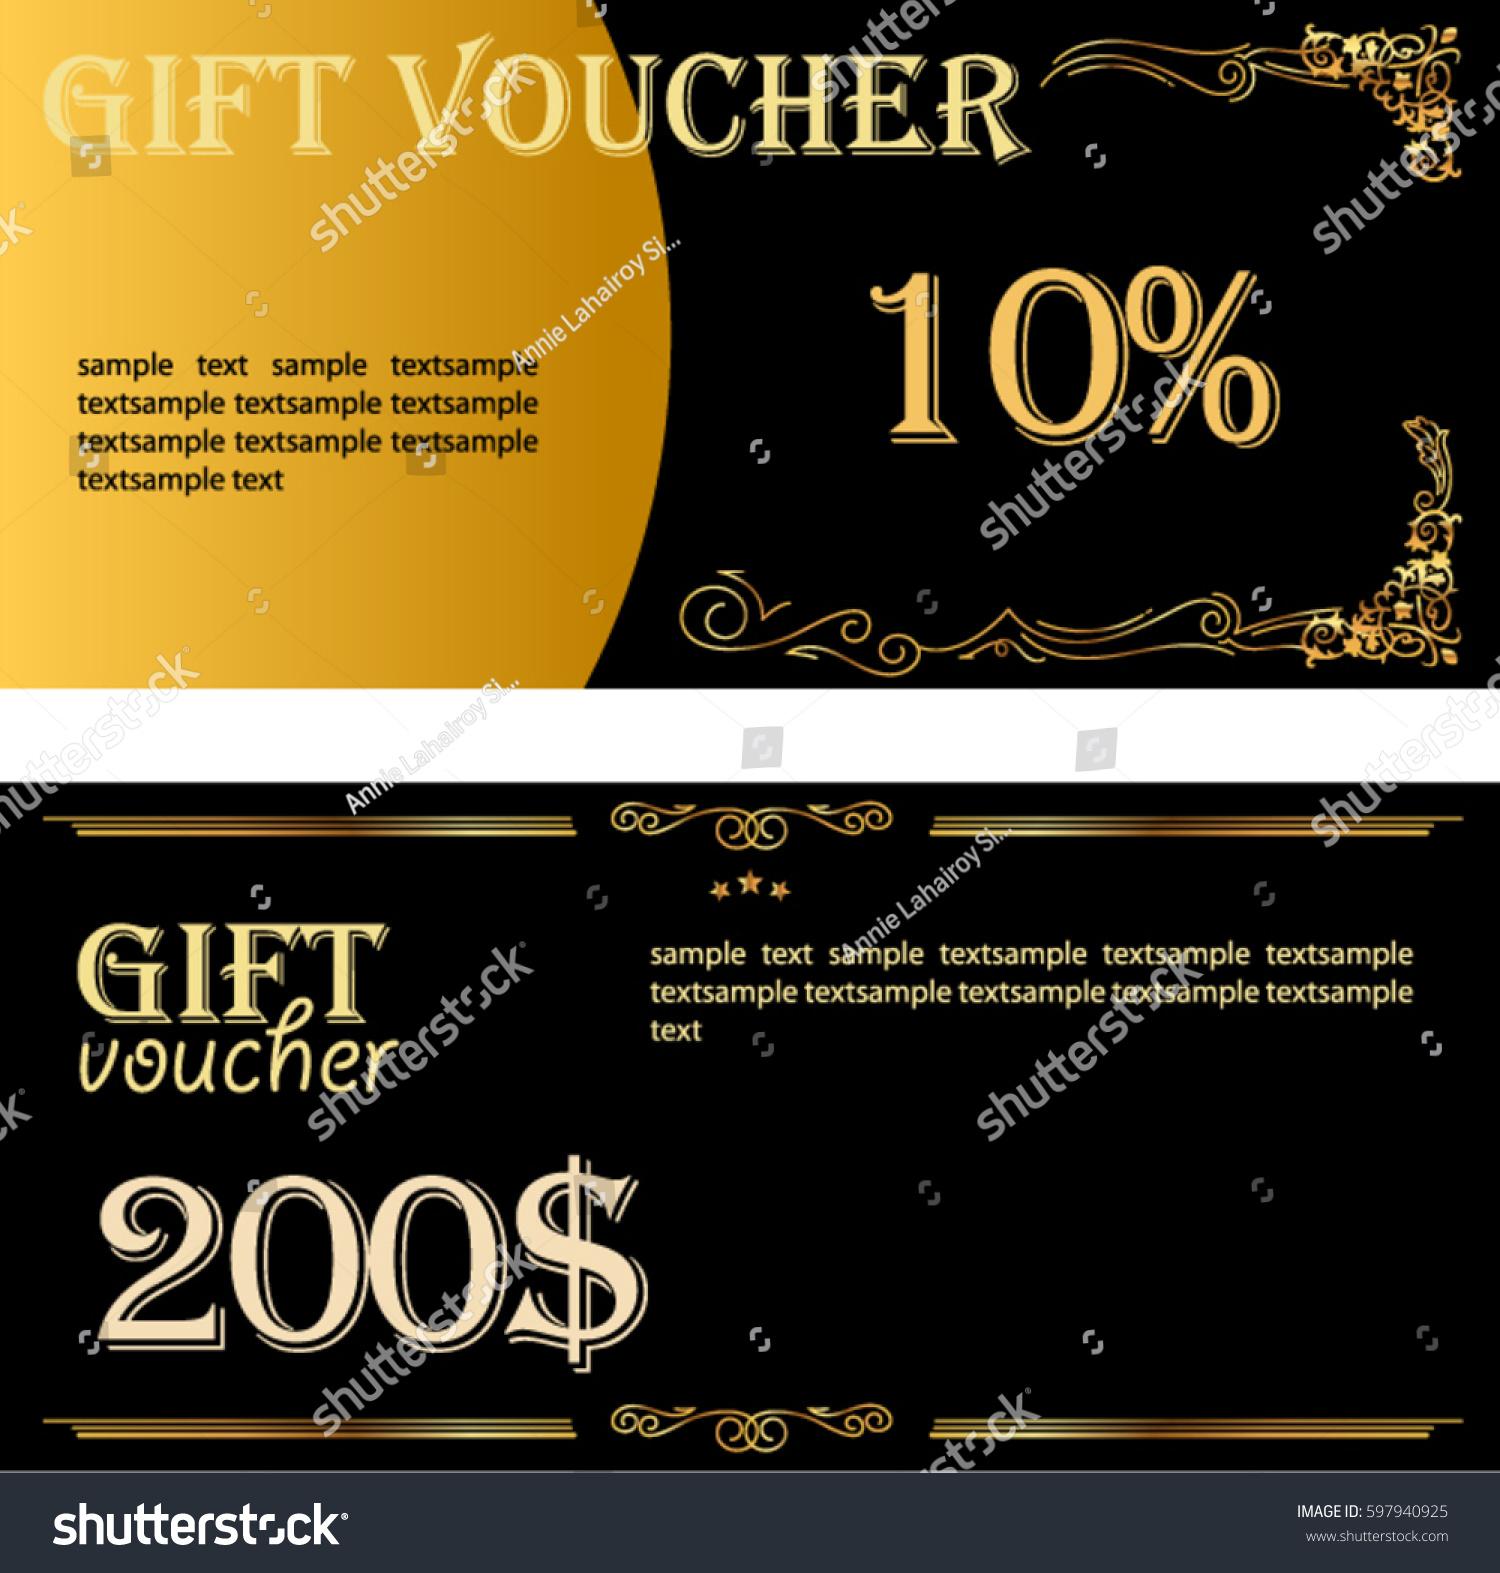 Er coupon